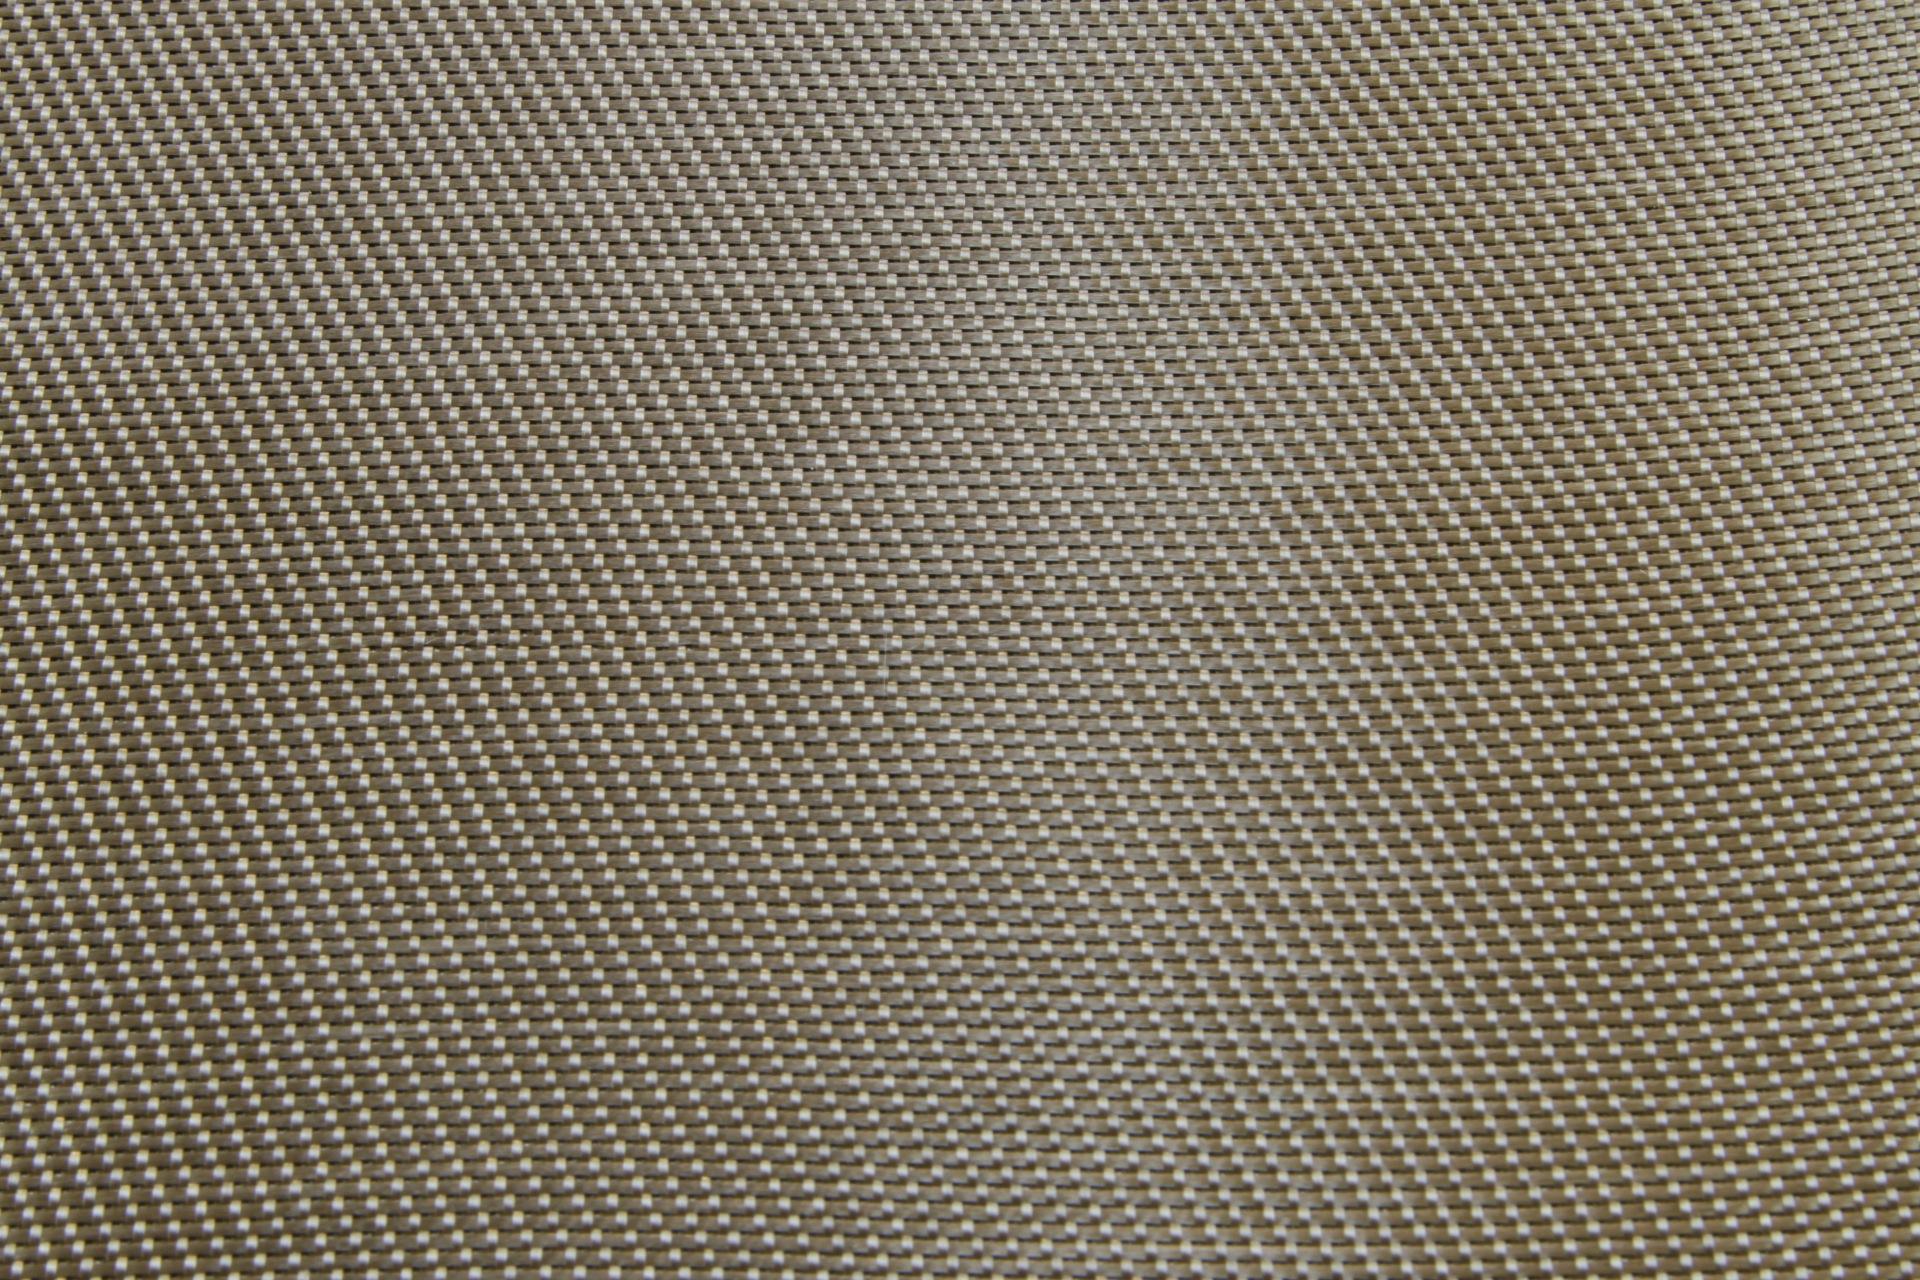 Базальтовая ткань БТ-11, 400 г/м², твилл, ширина 100 см.